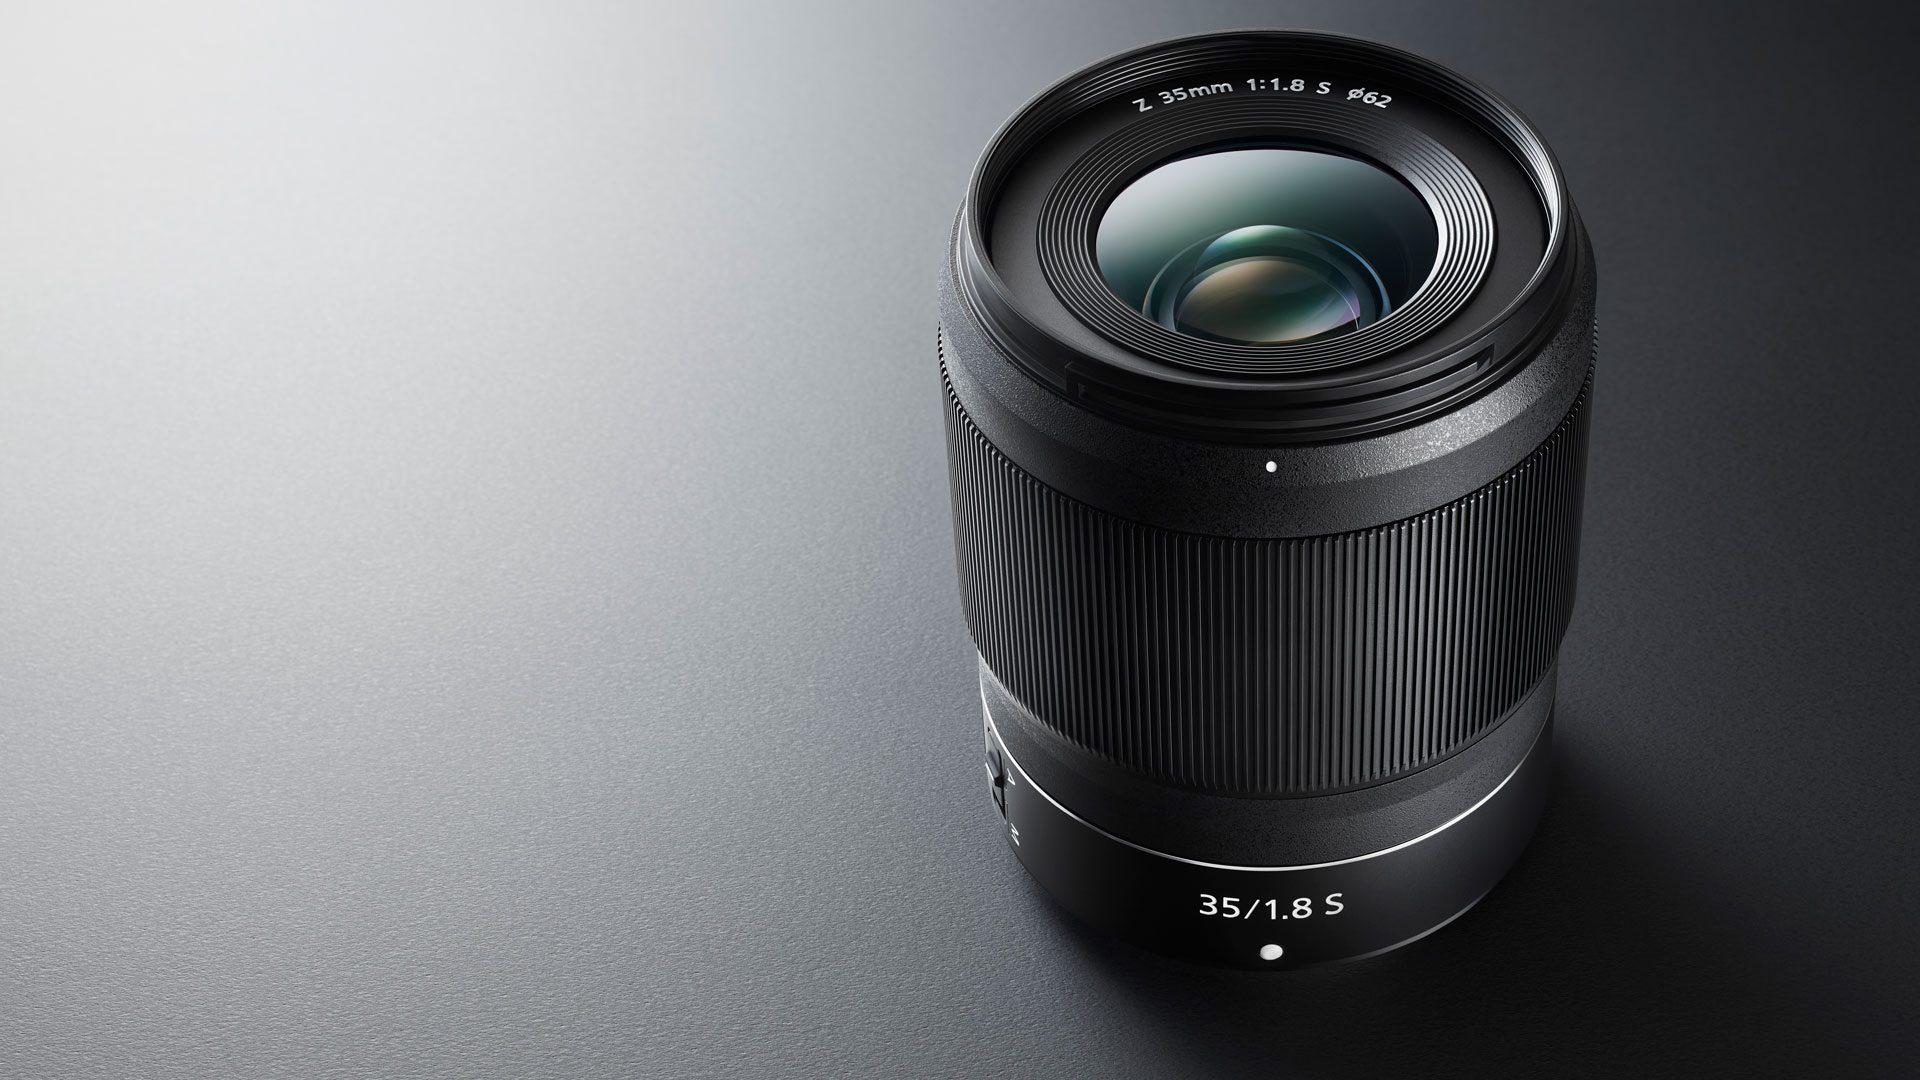 Nikkor Z 35mm f/1.8